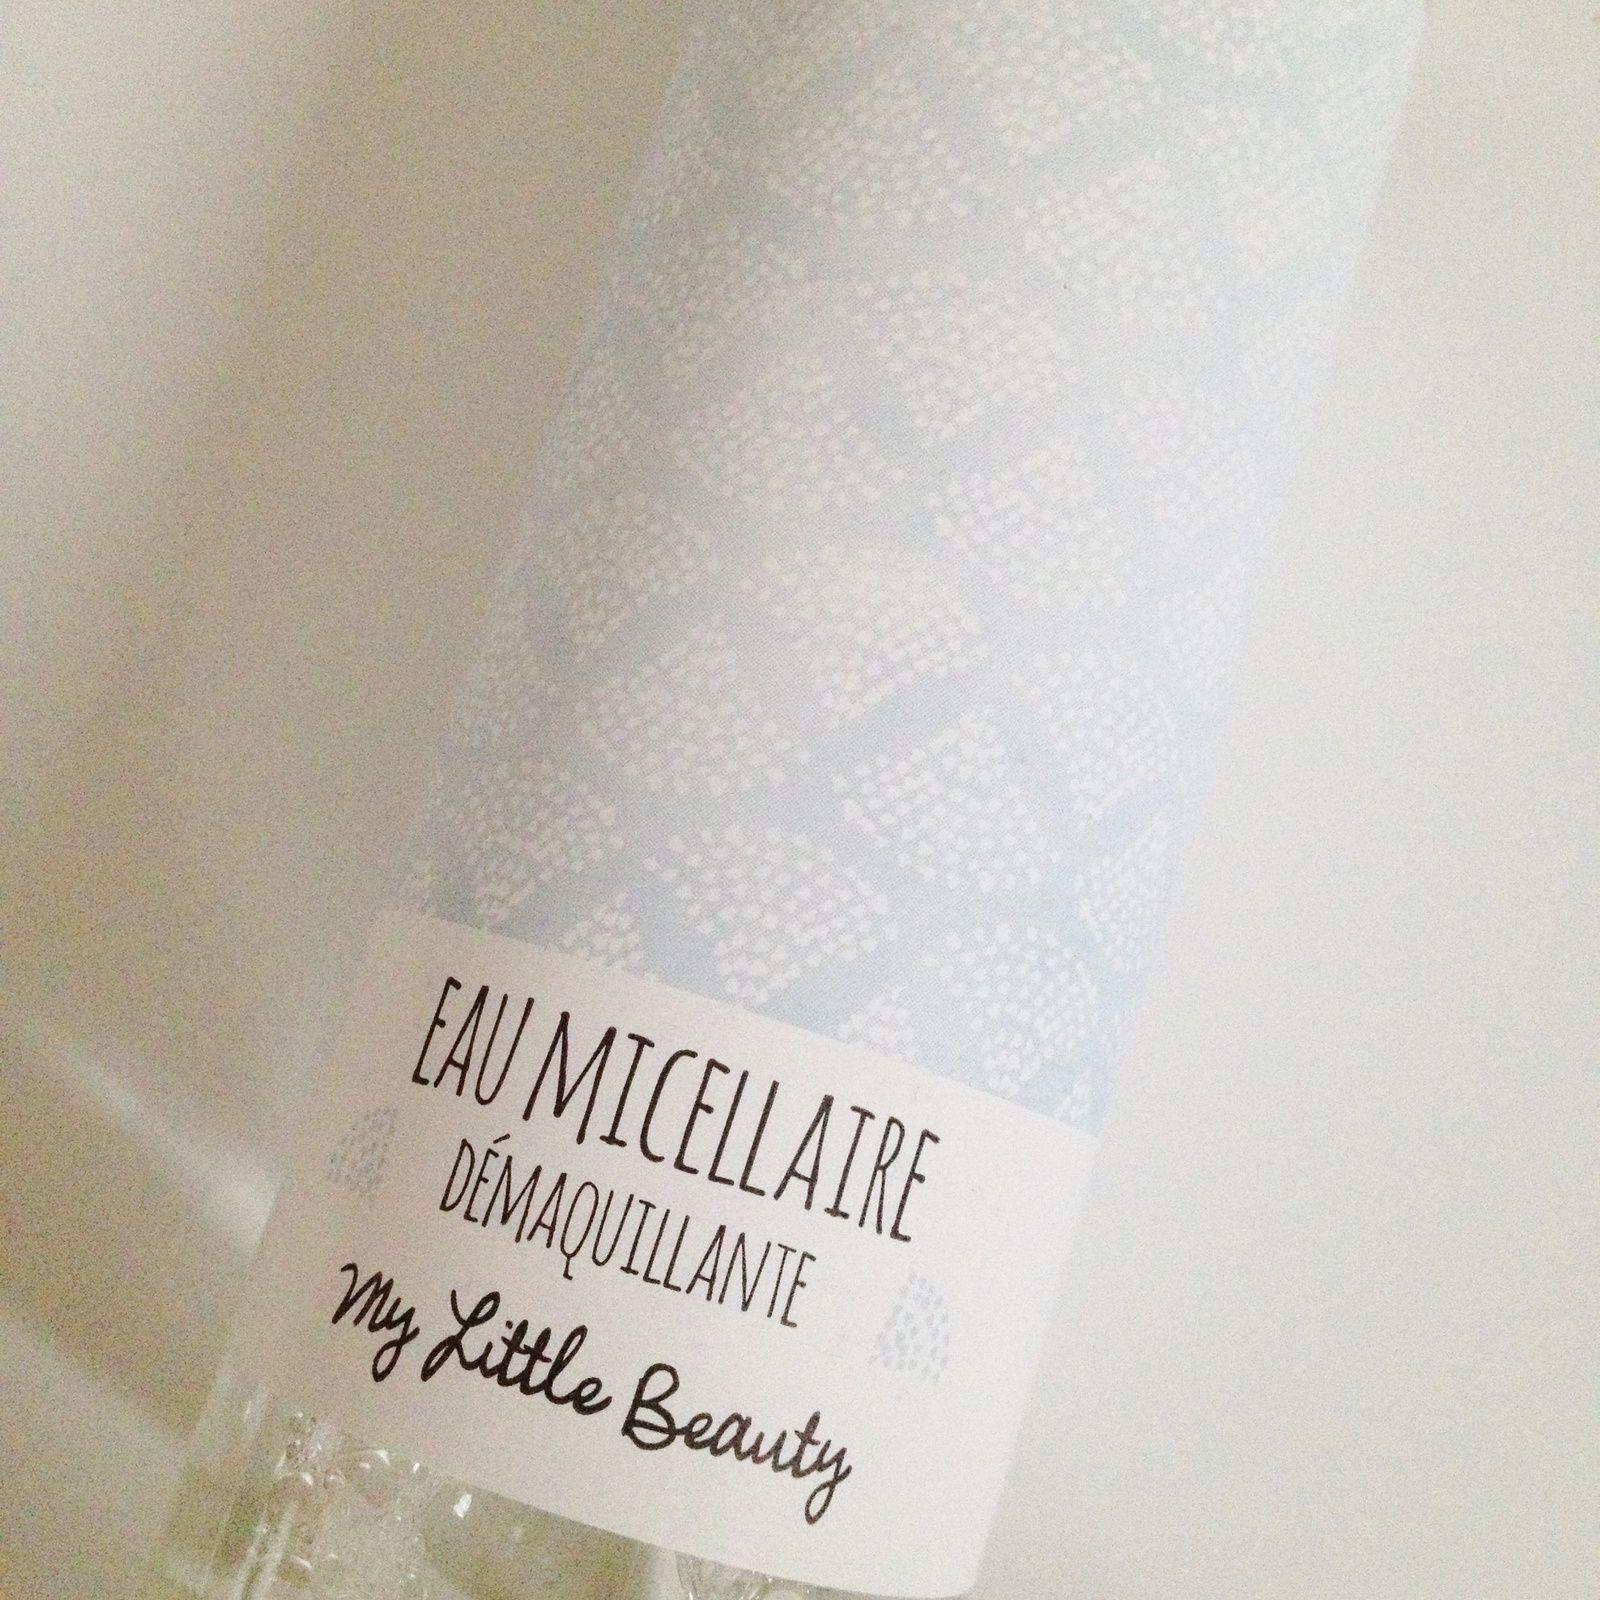 1er produit: une eau micellaire démaquillante de My Little Beauty. Le packaging est tout doux. Pour ce qui est de l'odeur, je ne saurai vous dire. Je suis grippée et je n'ai plus d'odorat. C'est ballot. Mais cette eau micellaire nous promet un démaquillage en douceur grâce à sa fraîcheur et ses propriétés hydratantes.